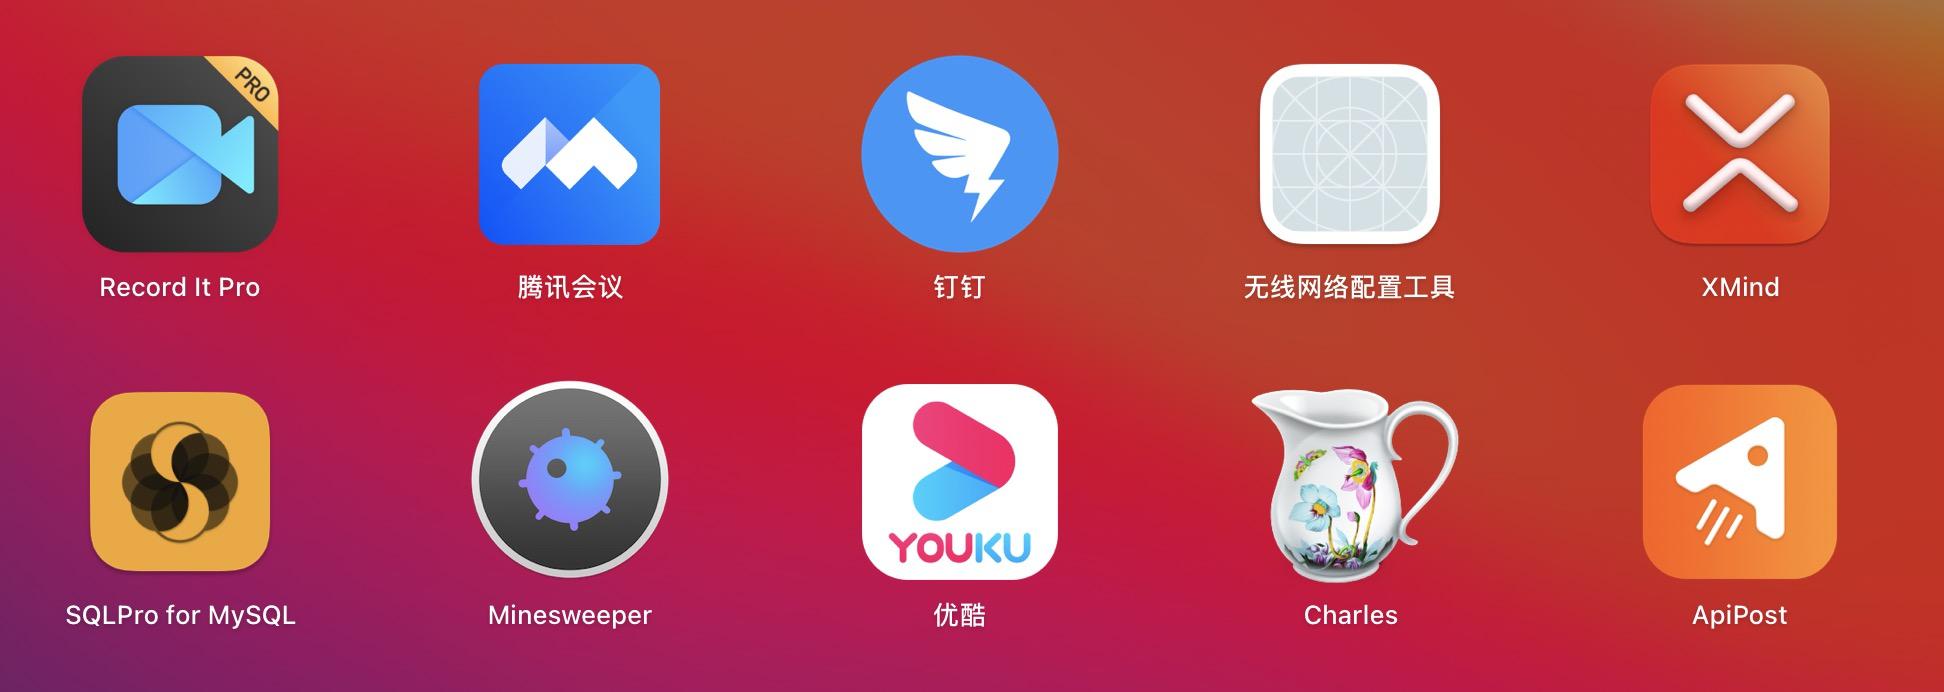 为什么不改一下 Mac 版本的 icon 的大小, 难道就没有发现在 macOS Big Sur, icon 比别的 APP 大一圈